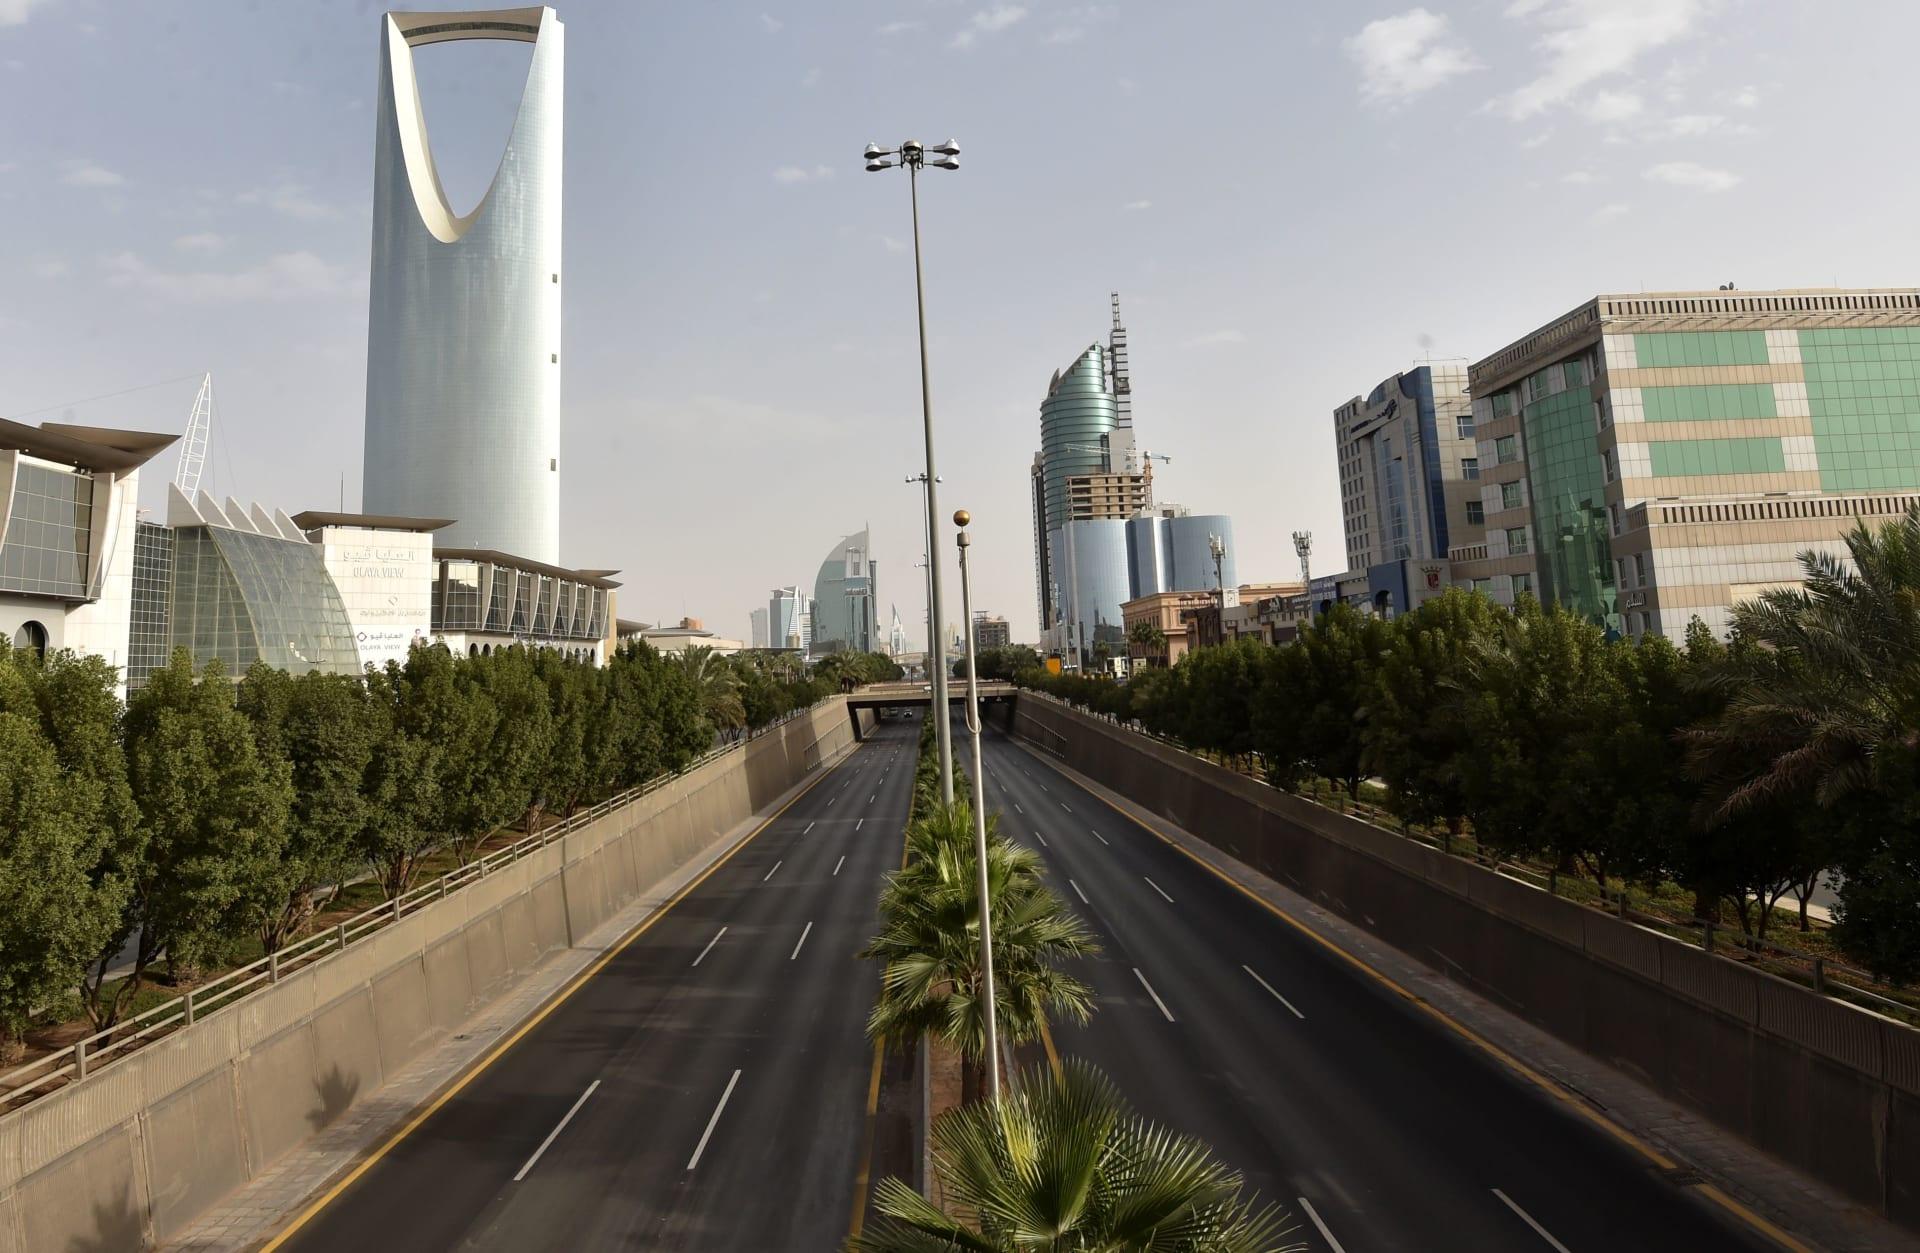 طريق الملك فهد الرئيسي فارغًا في العاصمة السعودية الرياض